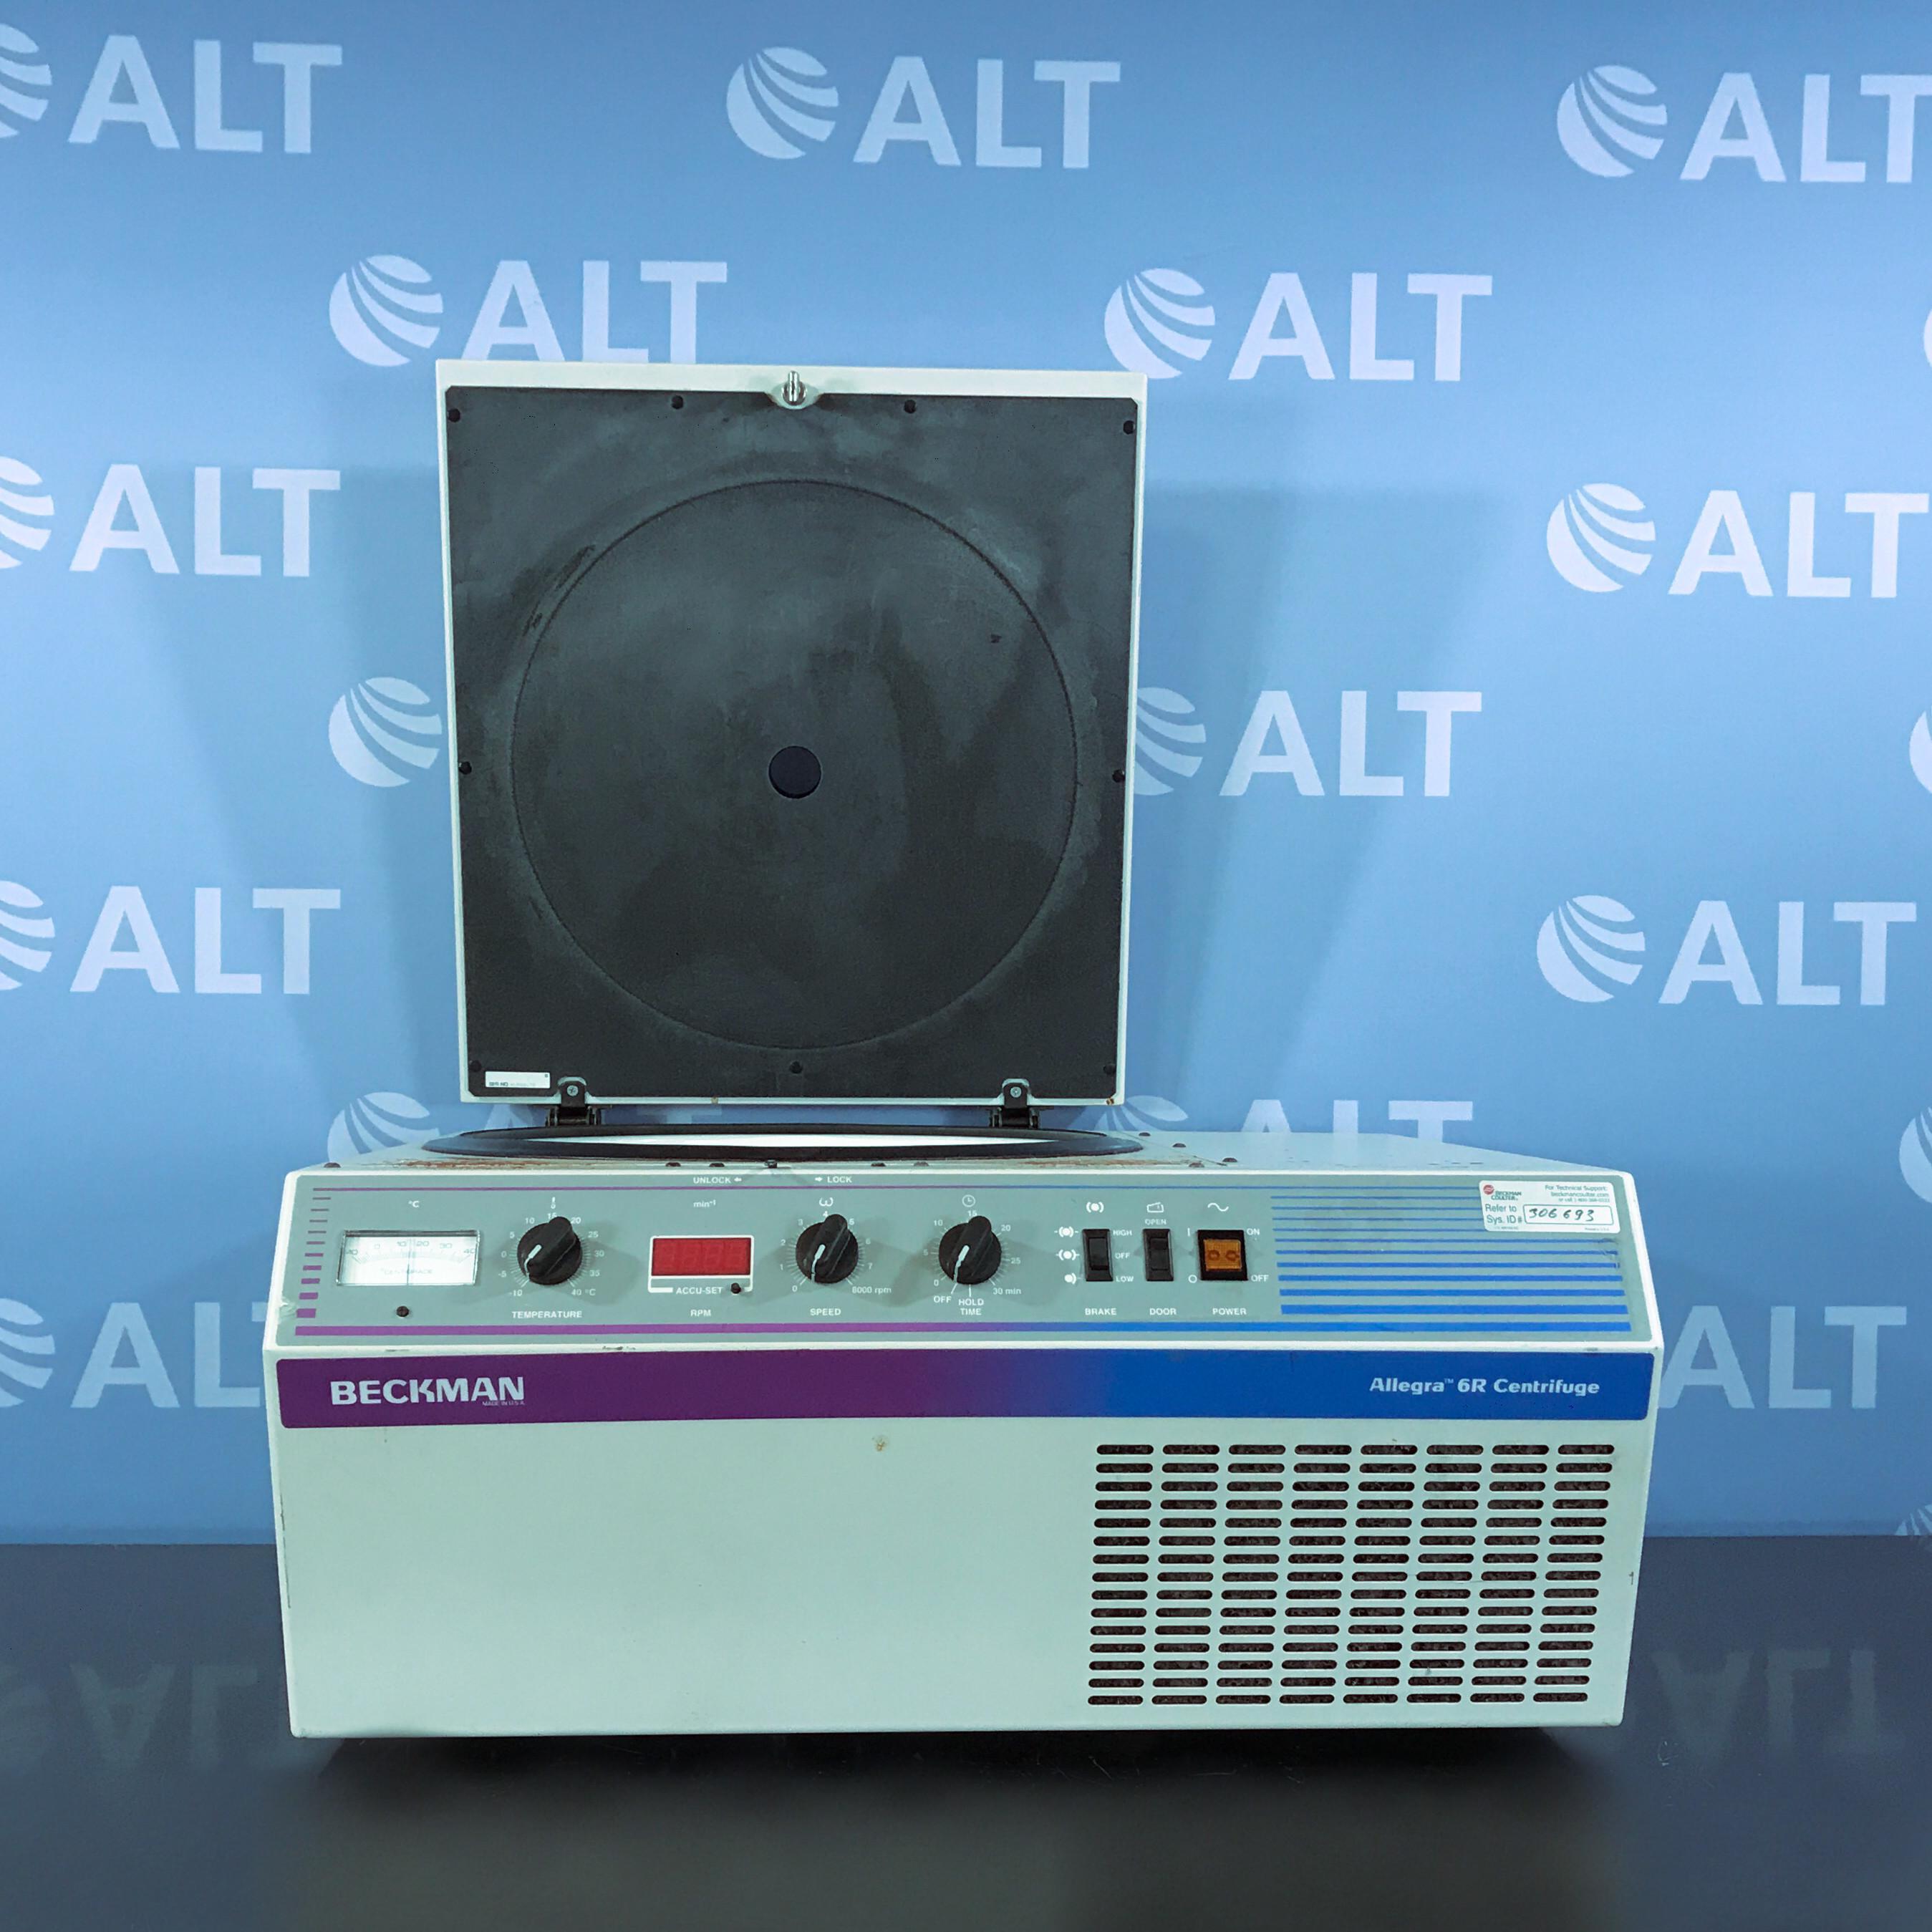 Beckman Coulter Allegra 6R Refrigerated Benchtop Centrifuge 120 V 60 Hz Image